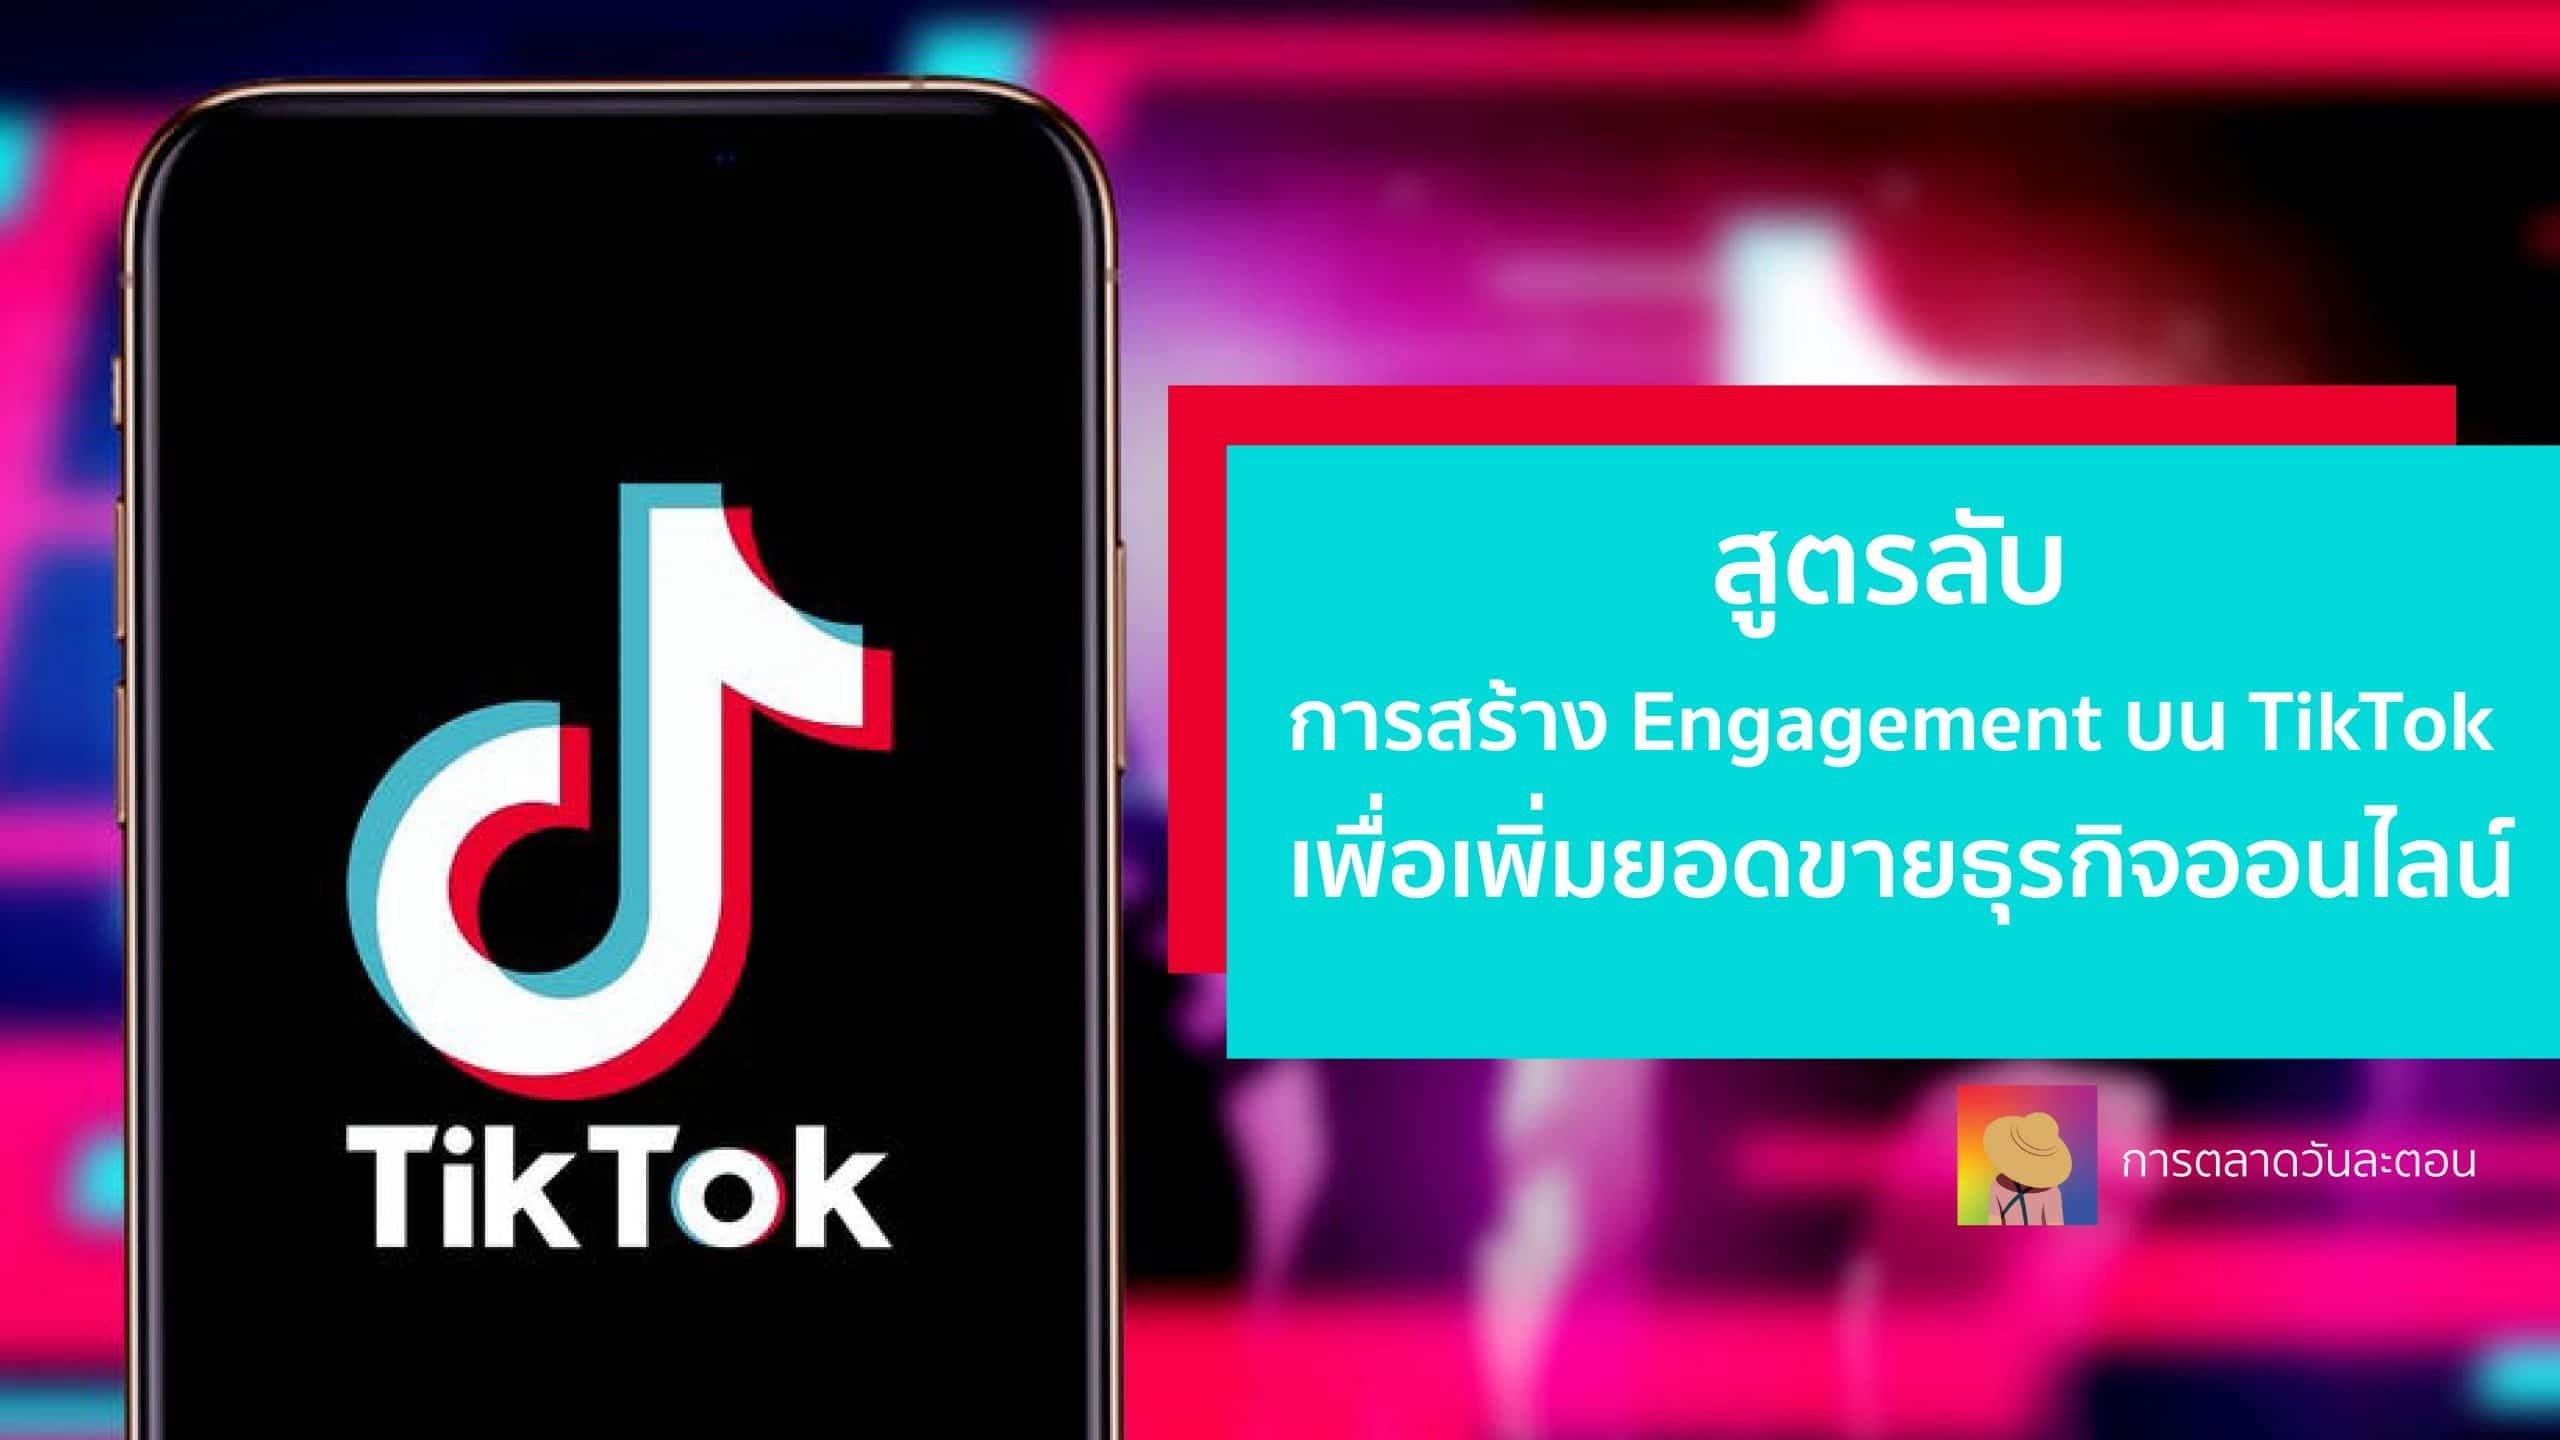 สูตรลับ สร้าง Engagement บน TikTok เพื่อเพิ่มยอดขายธุรกิจออนไลน์